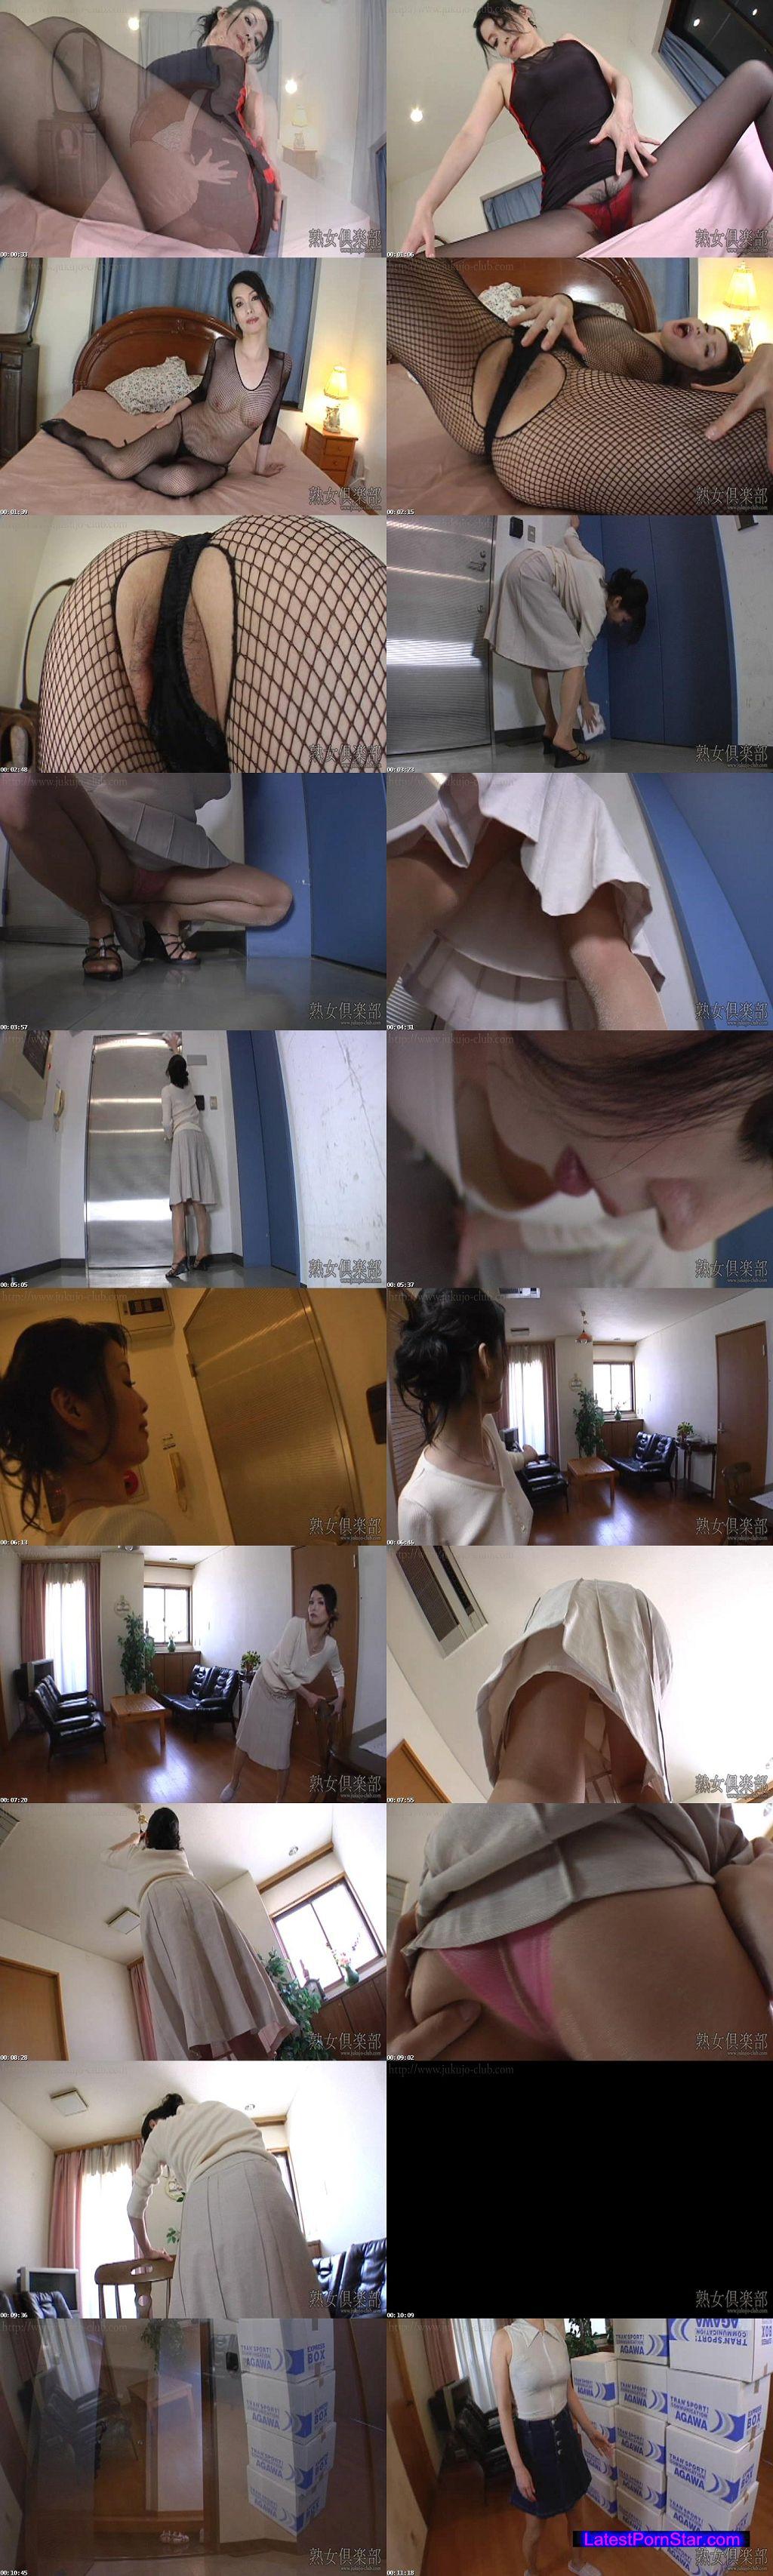 Jukujo-club 5662 マンションの下見どころじゃない・・ セクシーすぎる熟女管理人 前編 – 熟女倶楽部